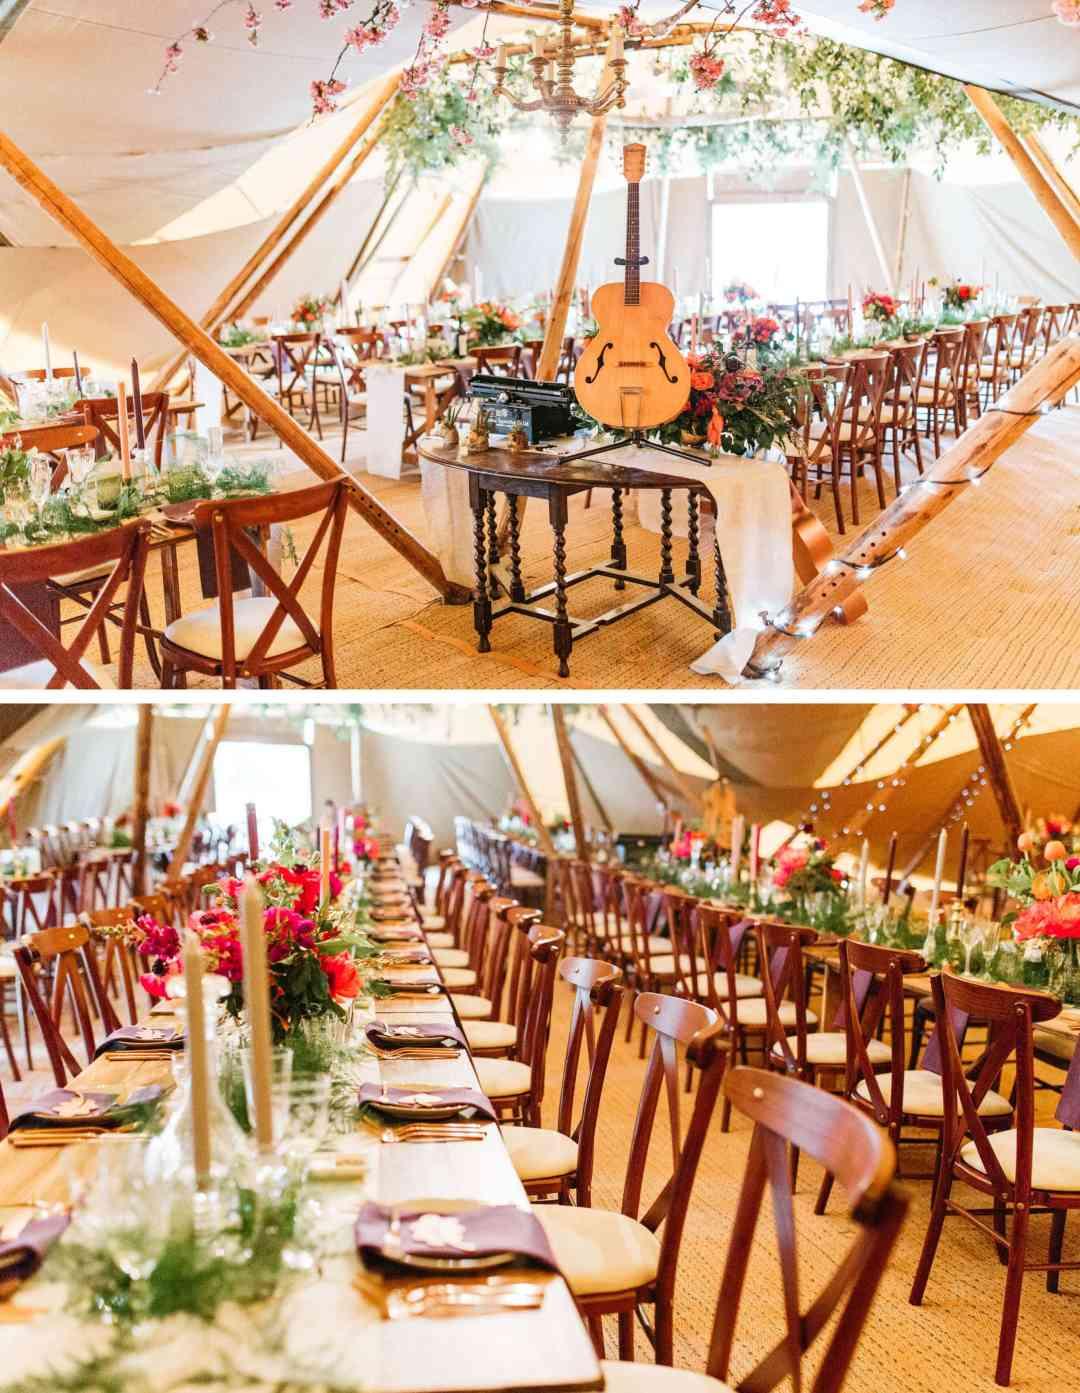 Safari wedding theme in Warnham tipi - Horsham wedding photographer in West Sussex